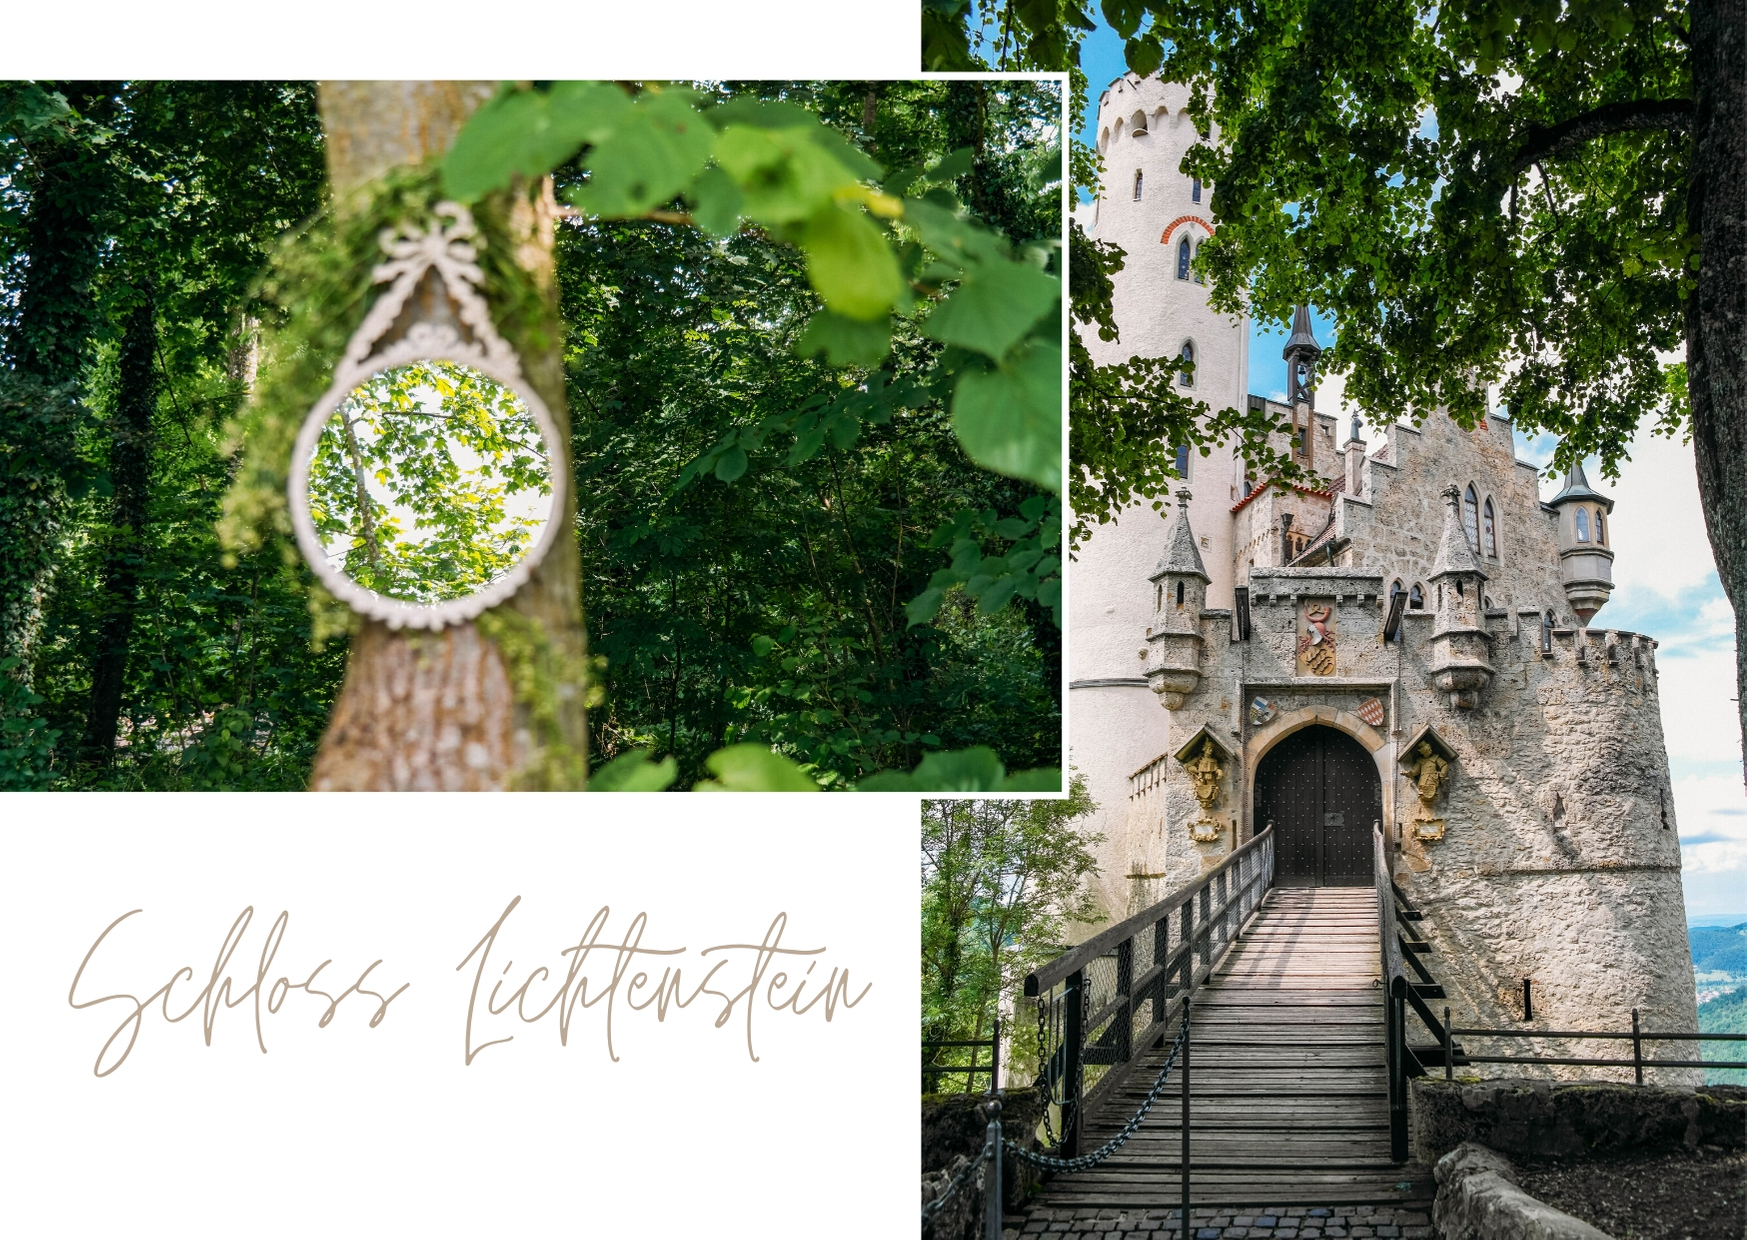 Besondere Ausflugsziele in Baden-Württemberg - Lichtenstein